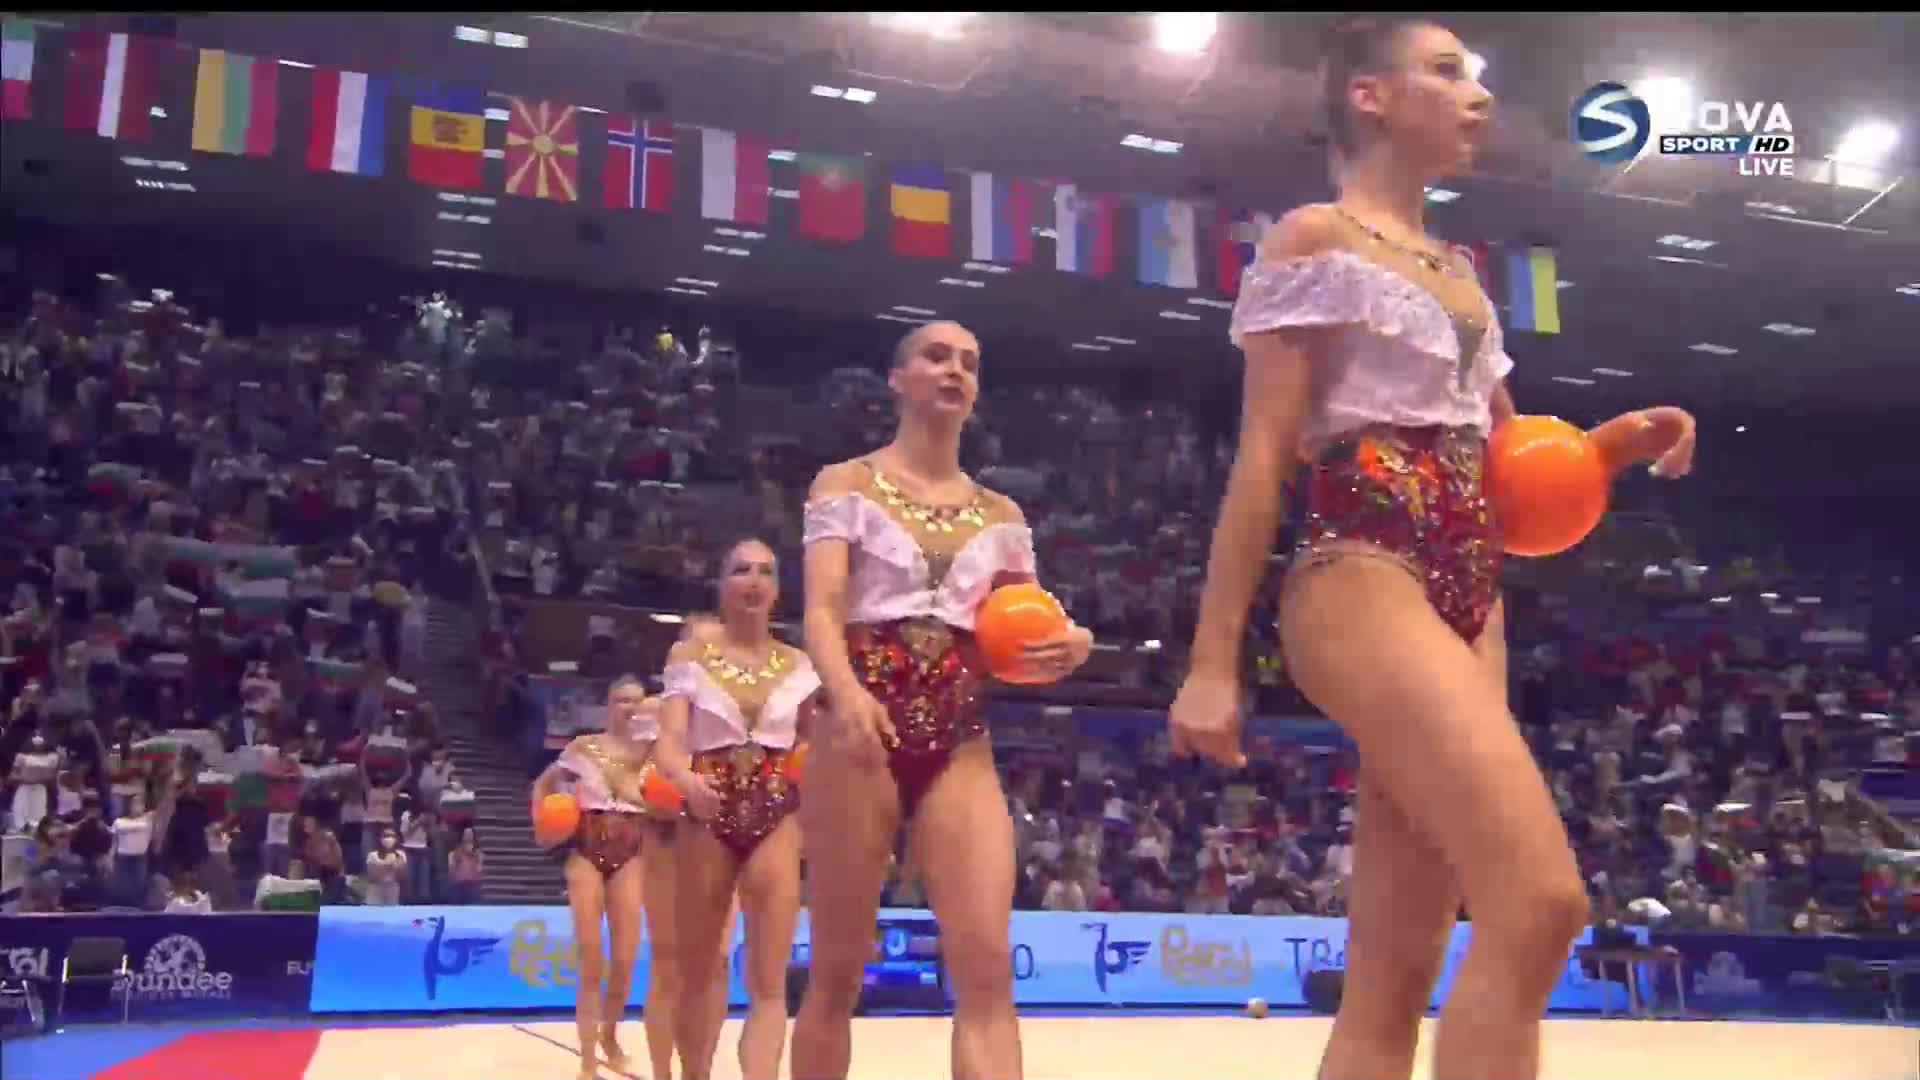 Златни! Ансамбълът срази Русия и грабна първа титла във Варна